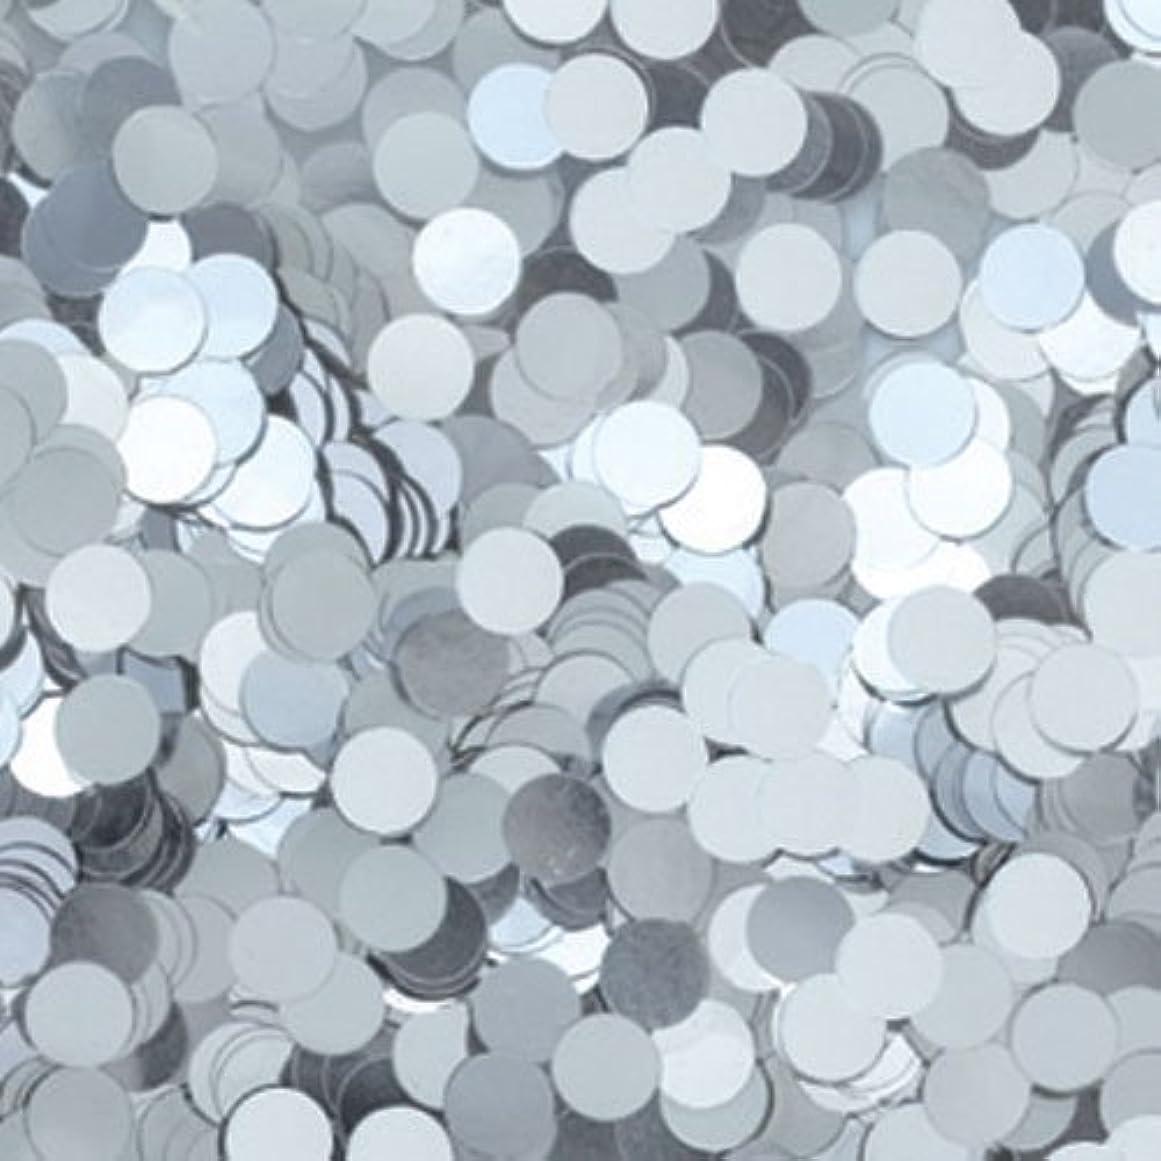 ネコ寛大な使用法ピカエース ネイル用パウダー 丸メタリック 耐溶剤 1mm #551 シルバー 0.5g